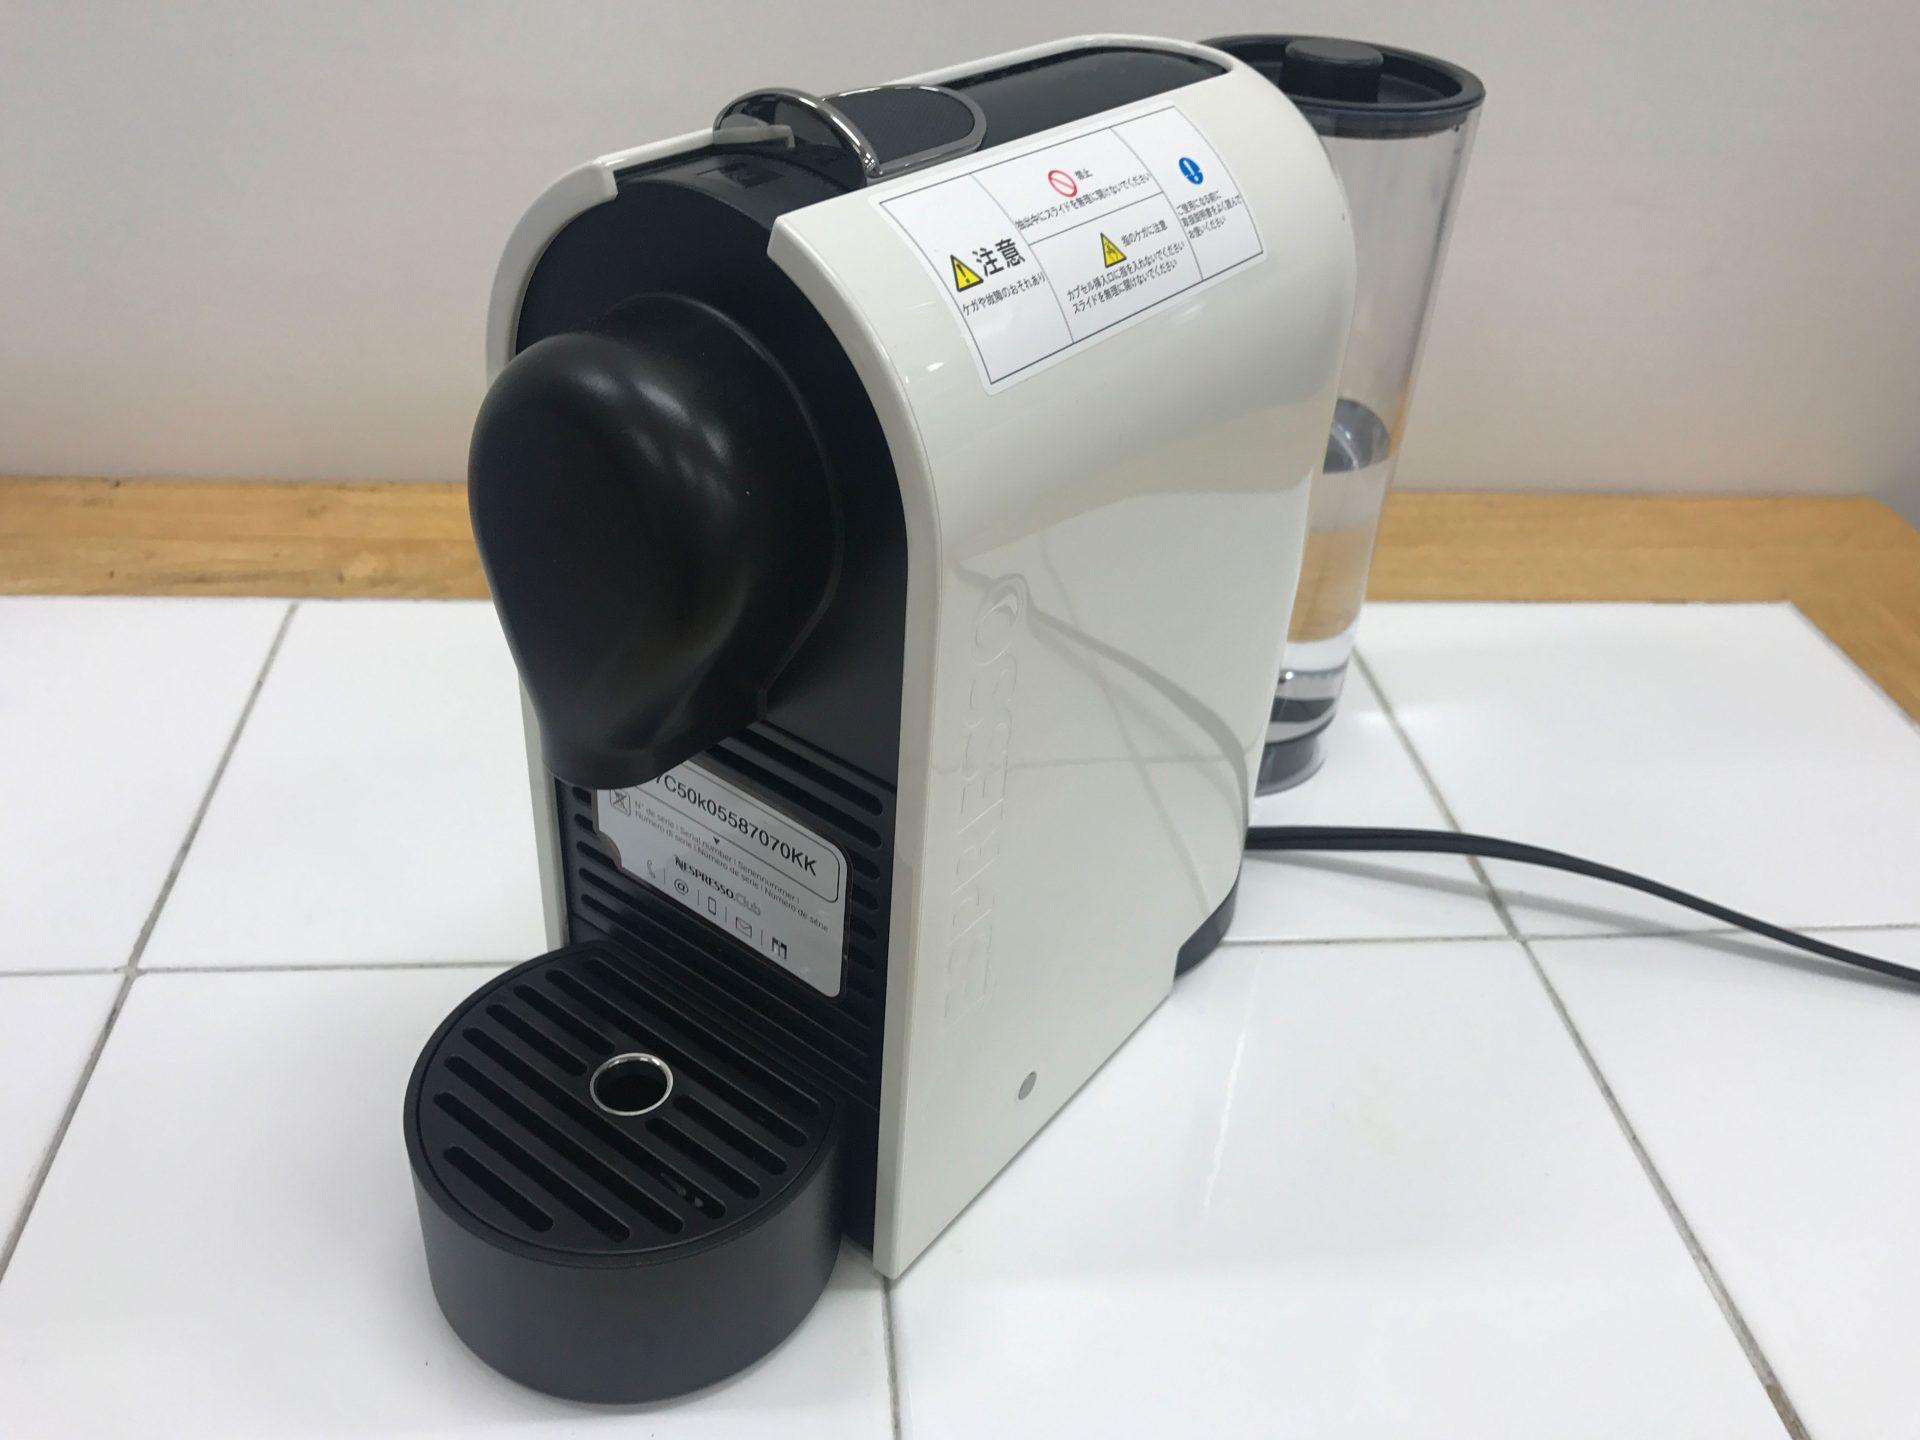 【ネスプレッソ】カプセル式エスプレッソマシン使い方と洗い方を徹底解説!